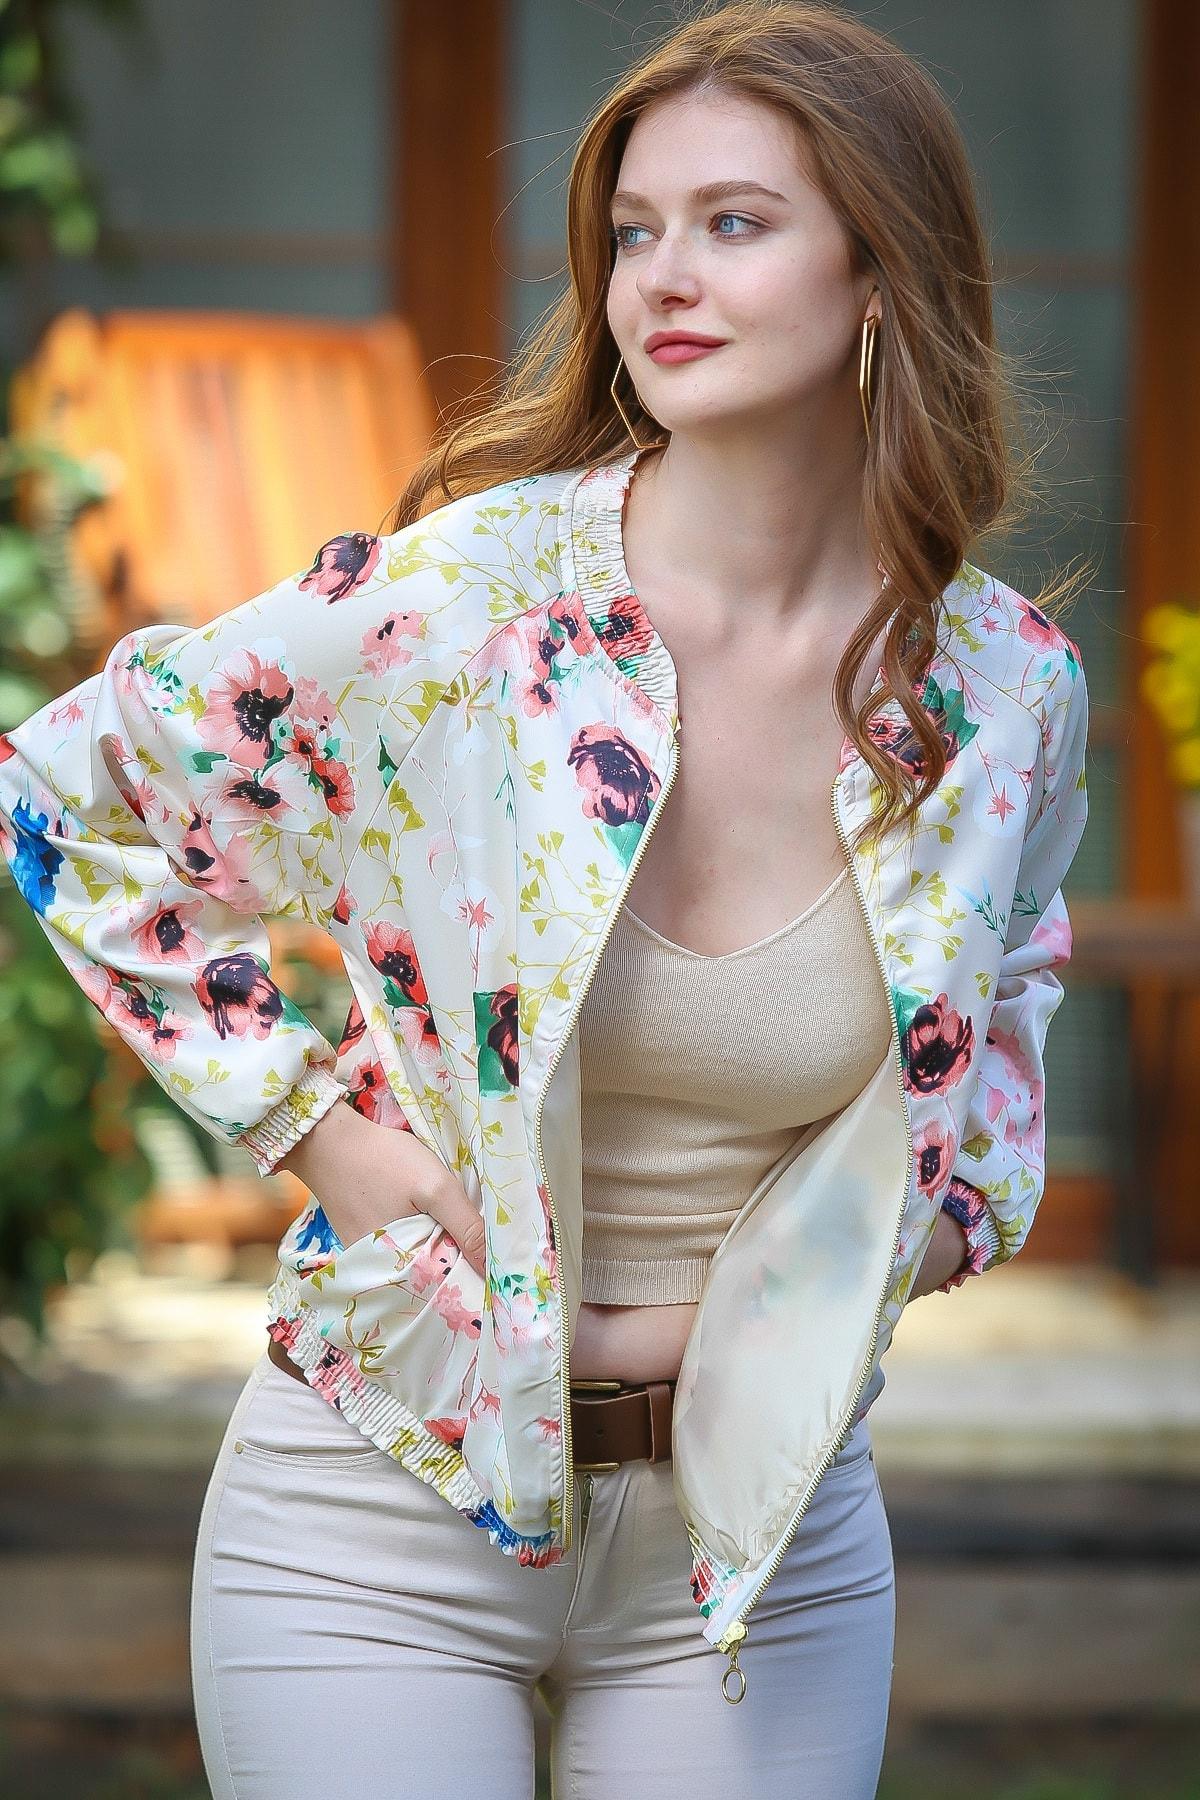 Chiccy Kadın Floral Vintage Gelincik Desenli Saten Bomber Ceket  M10210100CE99283